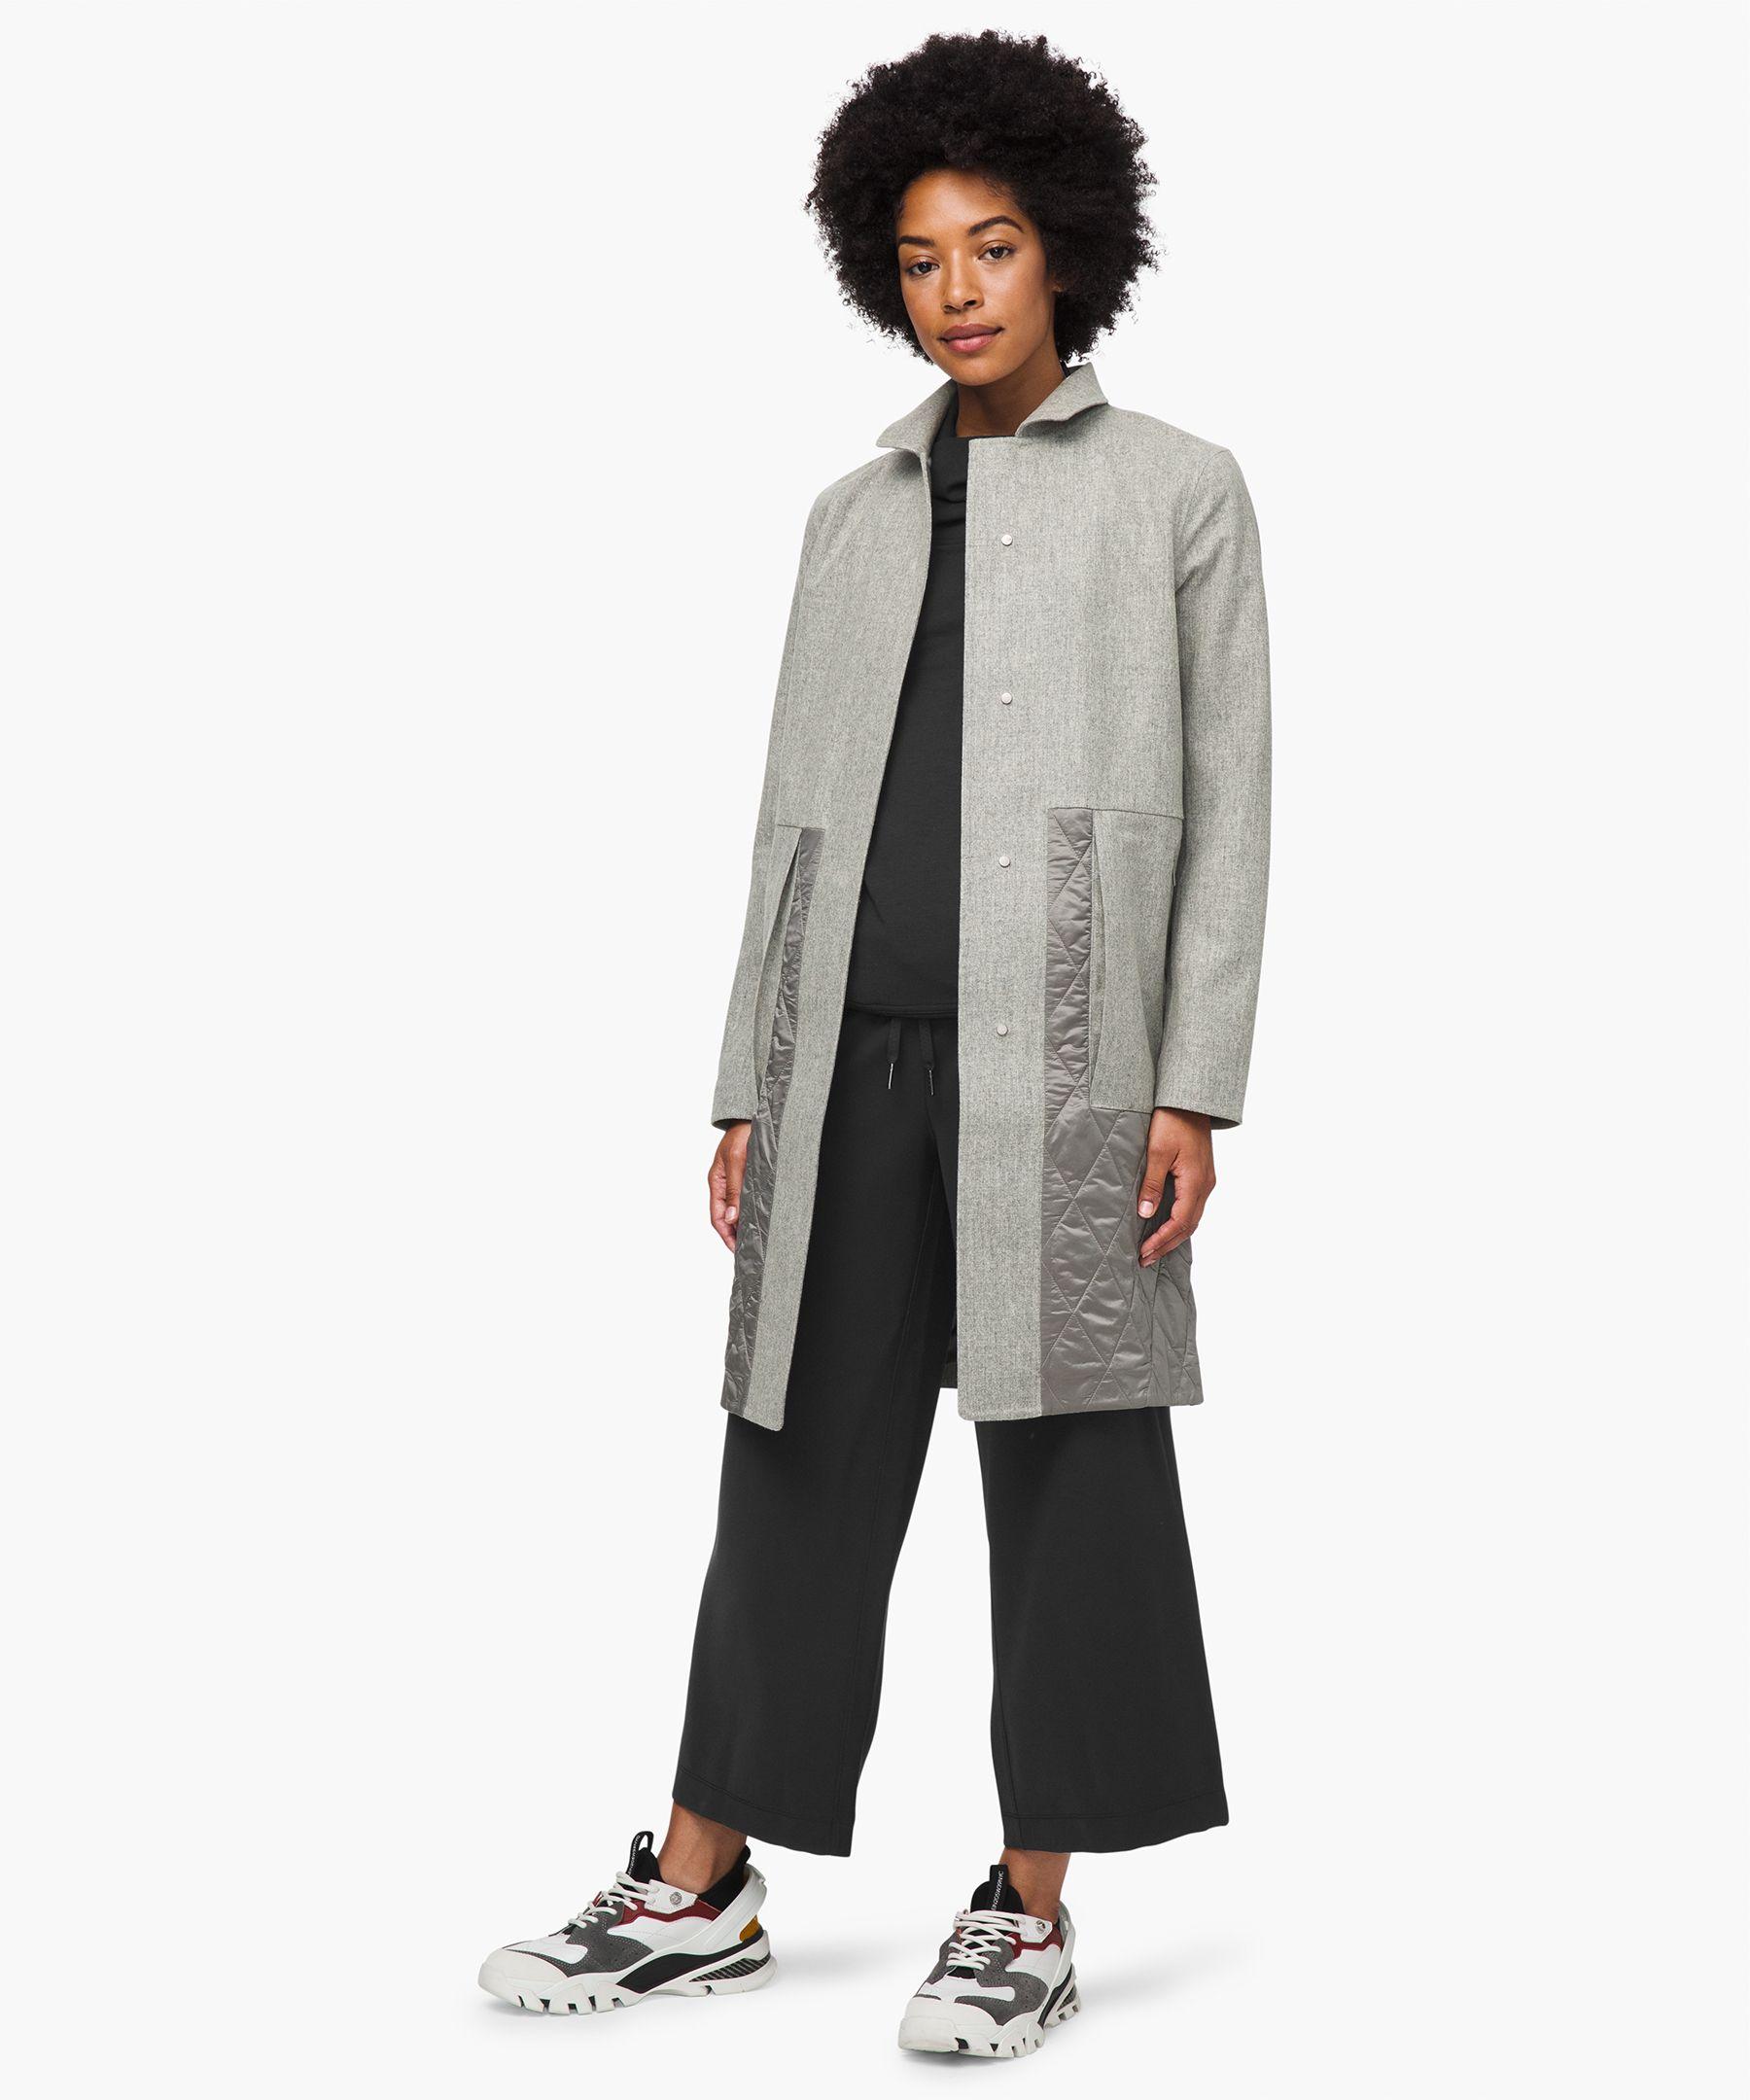 Lululemon Roam Far Wool Coat *waterproof Wool In Heathered Silver Graphite/steam